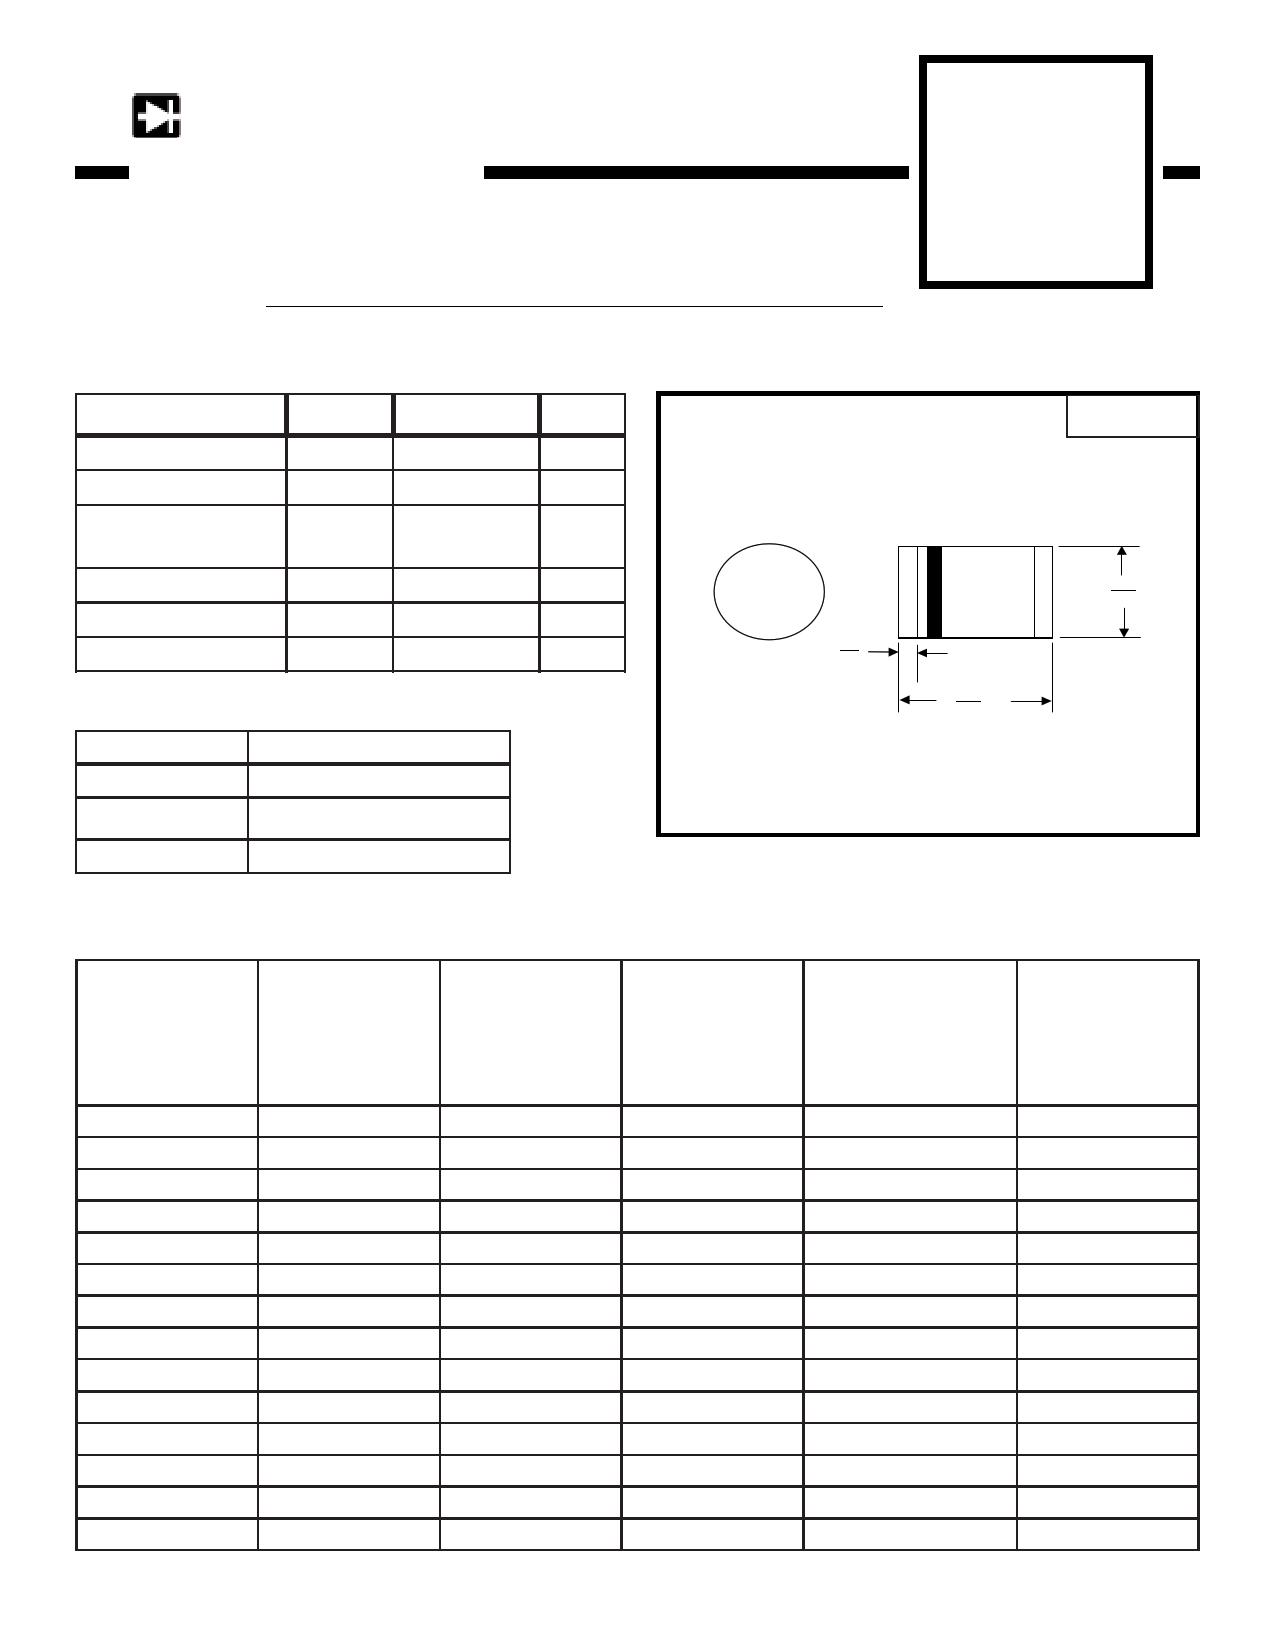 ZMM5227B datasheet